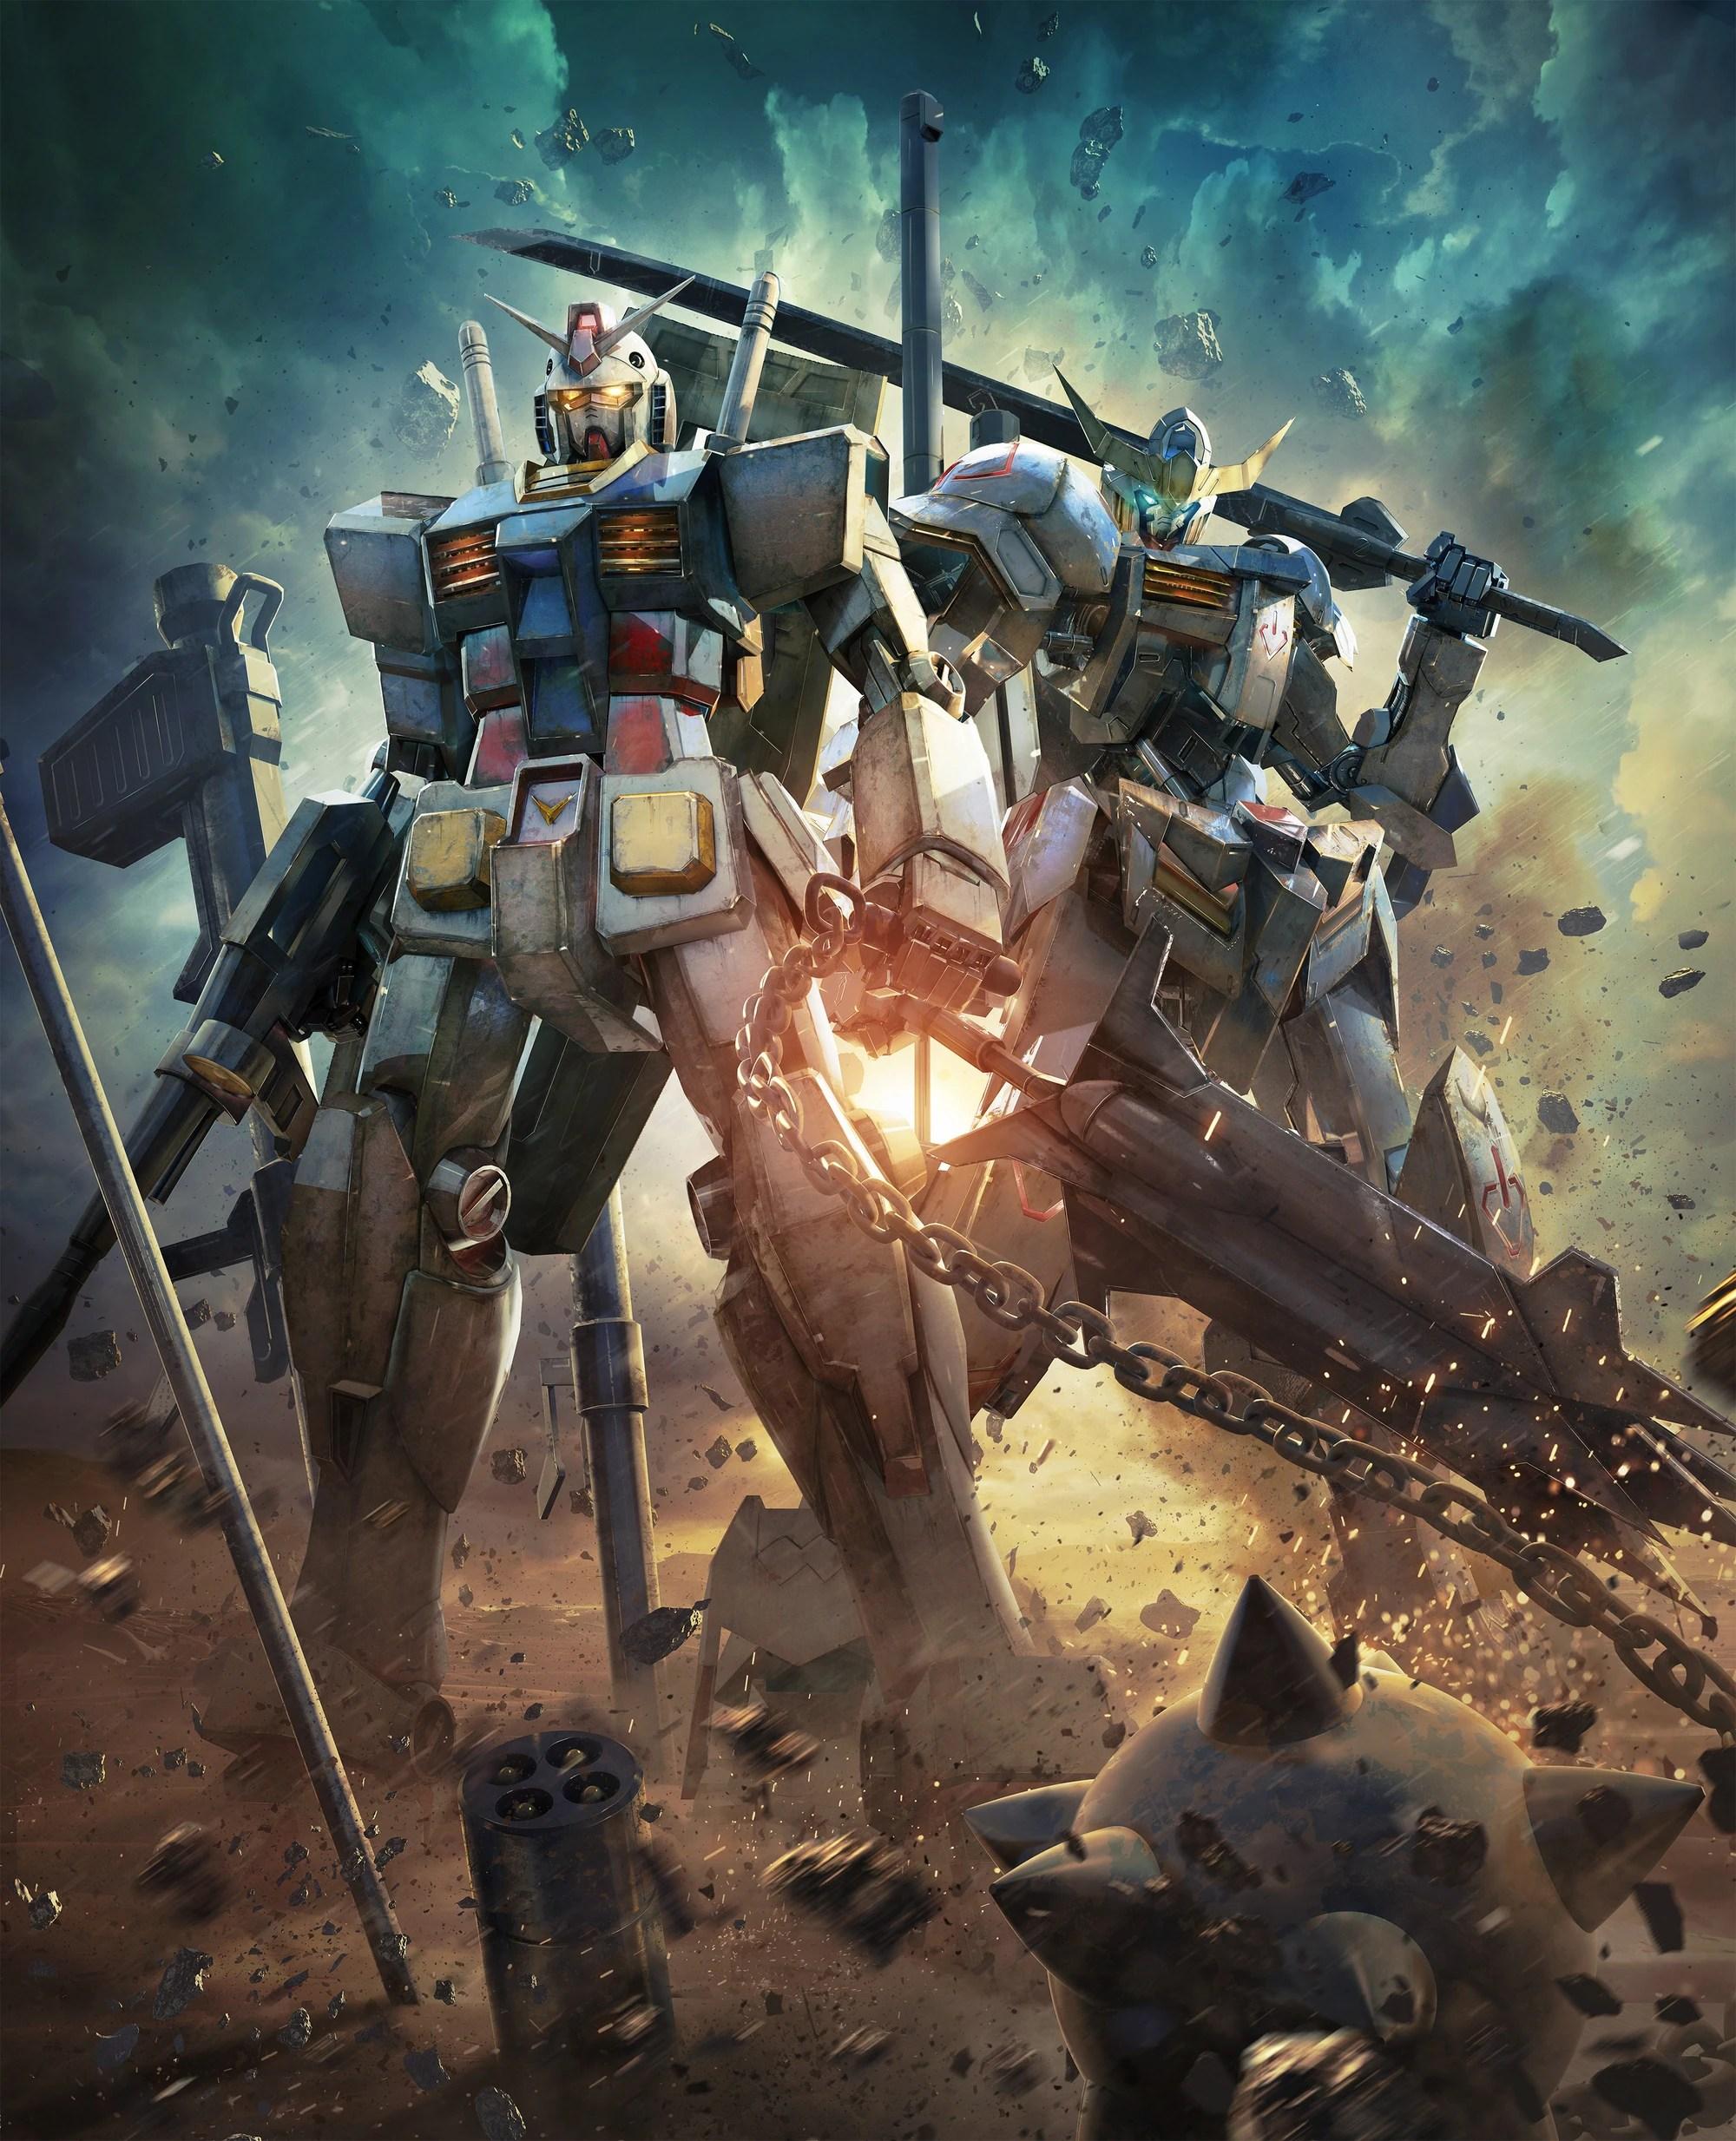 Gundam Versus | The Gundam Wiki | FANDOM powered by Wikia